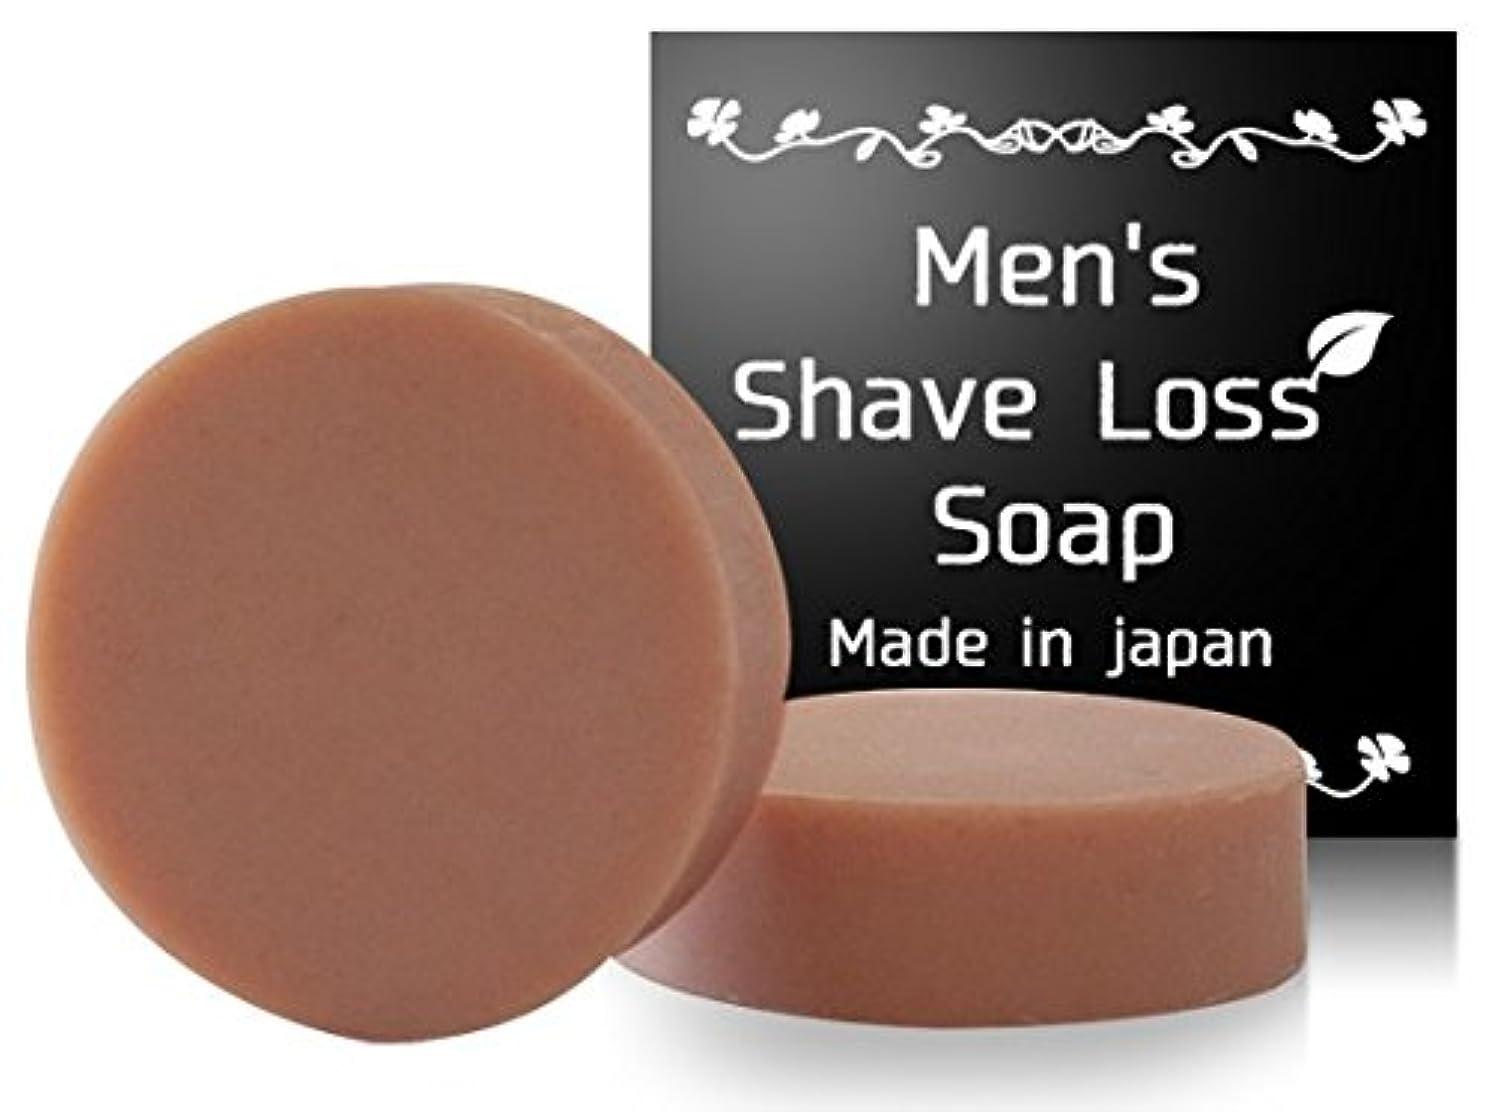 民兵落ち着いて到着するMens Shave Loss Soap シェーブロス 剛毛は嫌!ツルツル過ぎも嫌! そんな夢を叶えた奇跡の石鹸! 【男性専用】(1個)